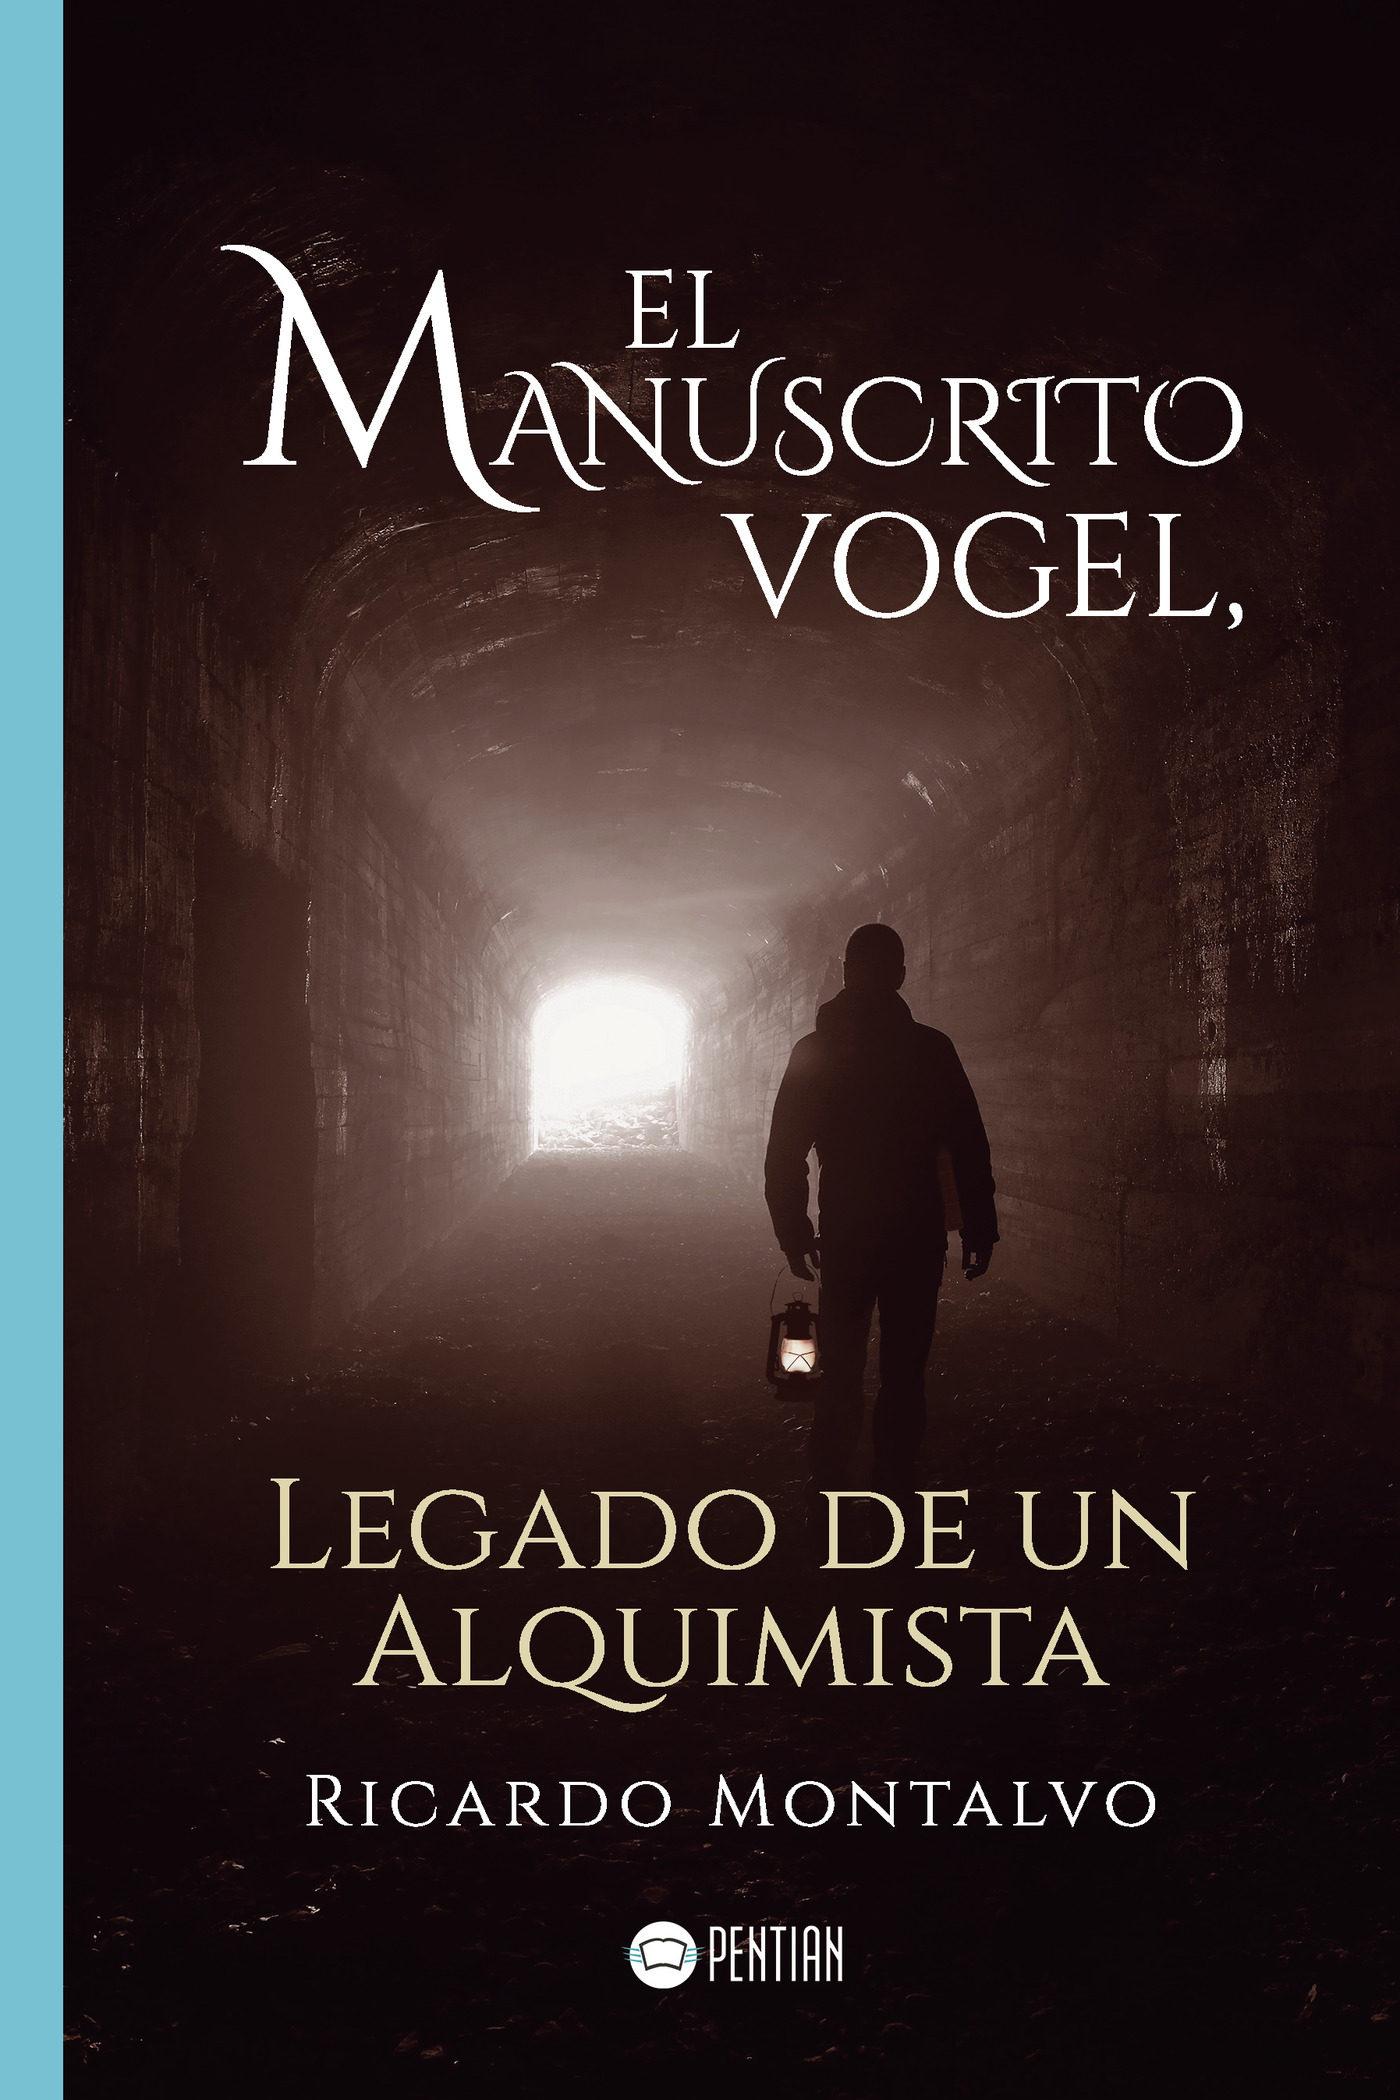 El Manuscrito Vogel Legado De Un Alquimista - Ricardo Montalvo